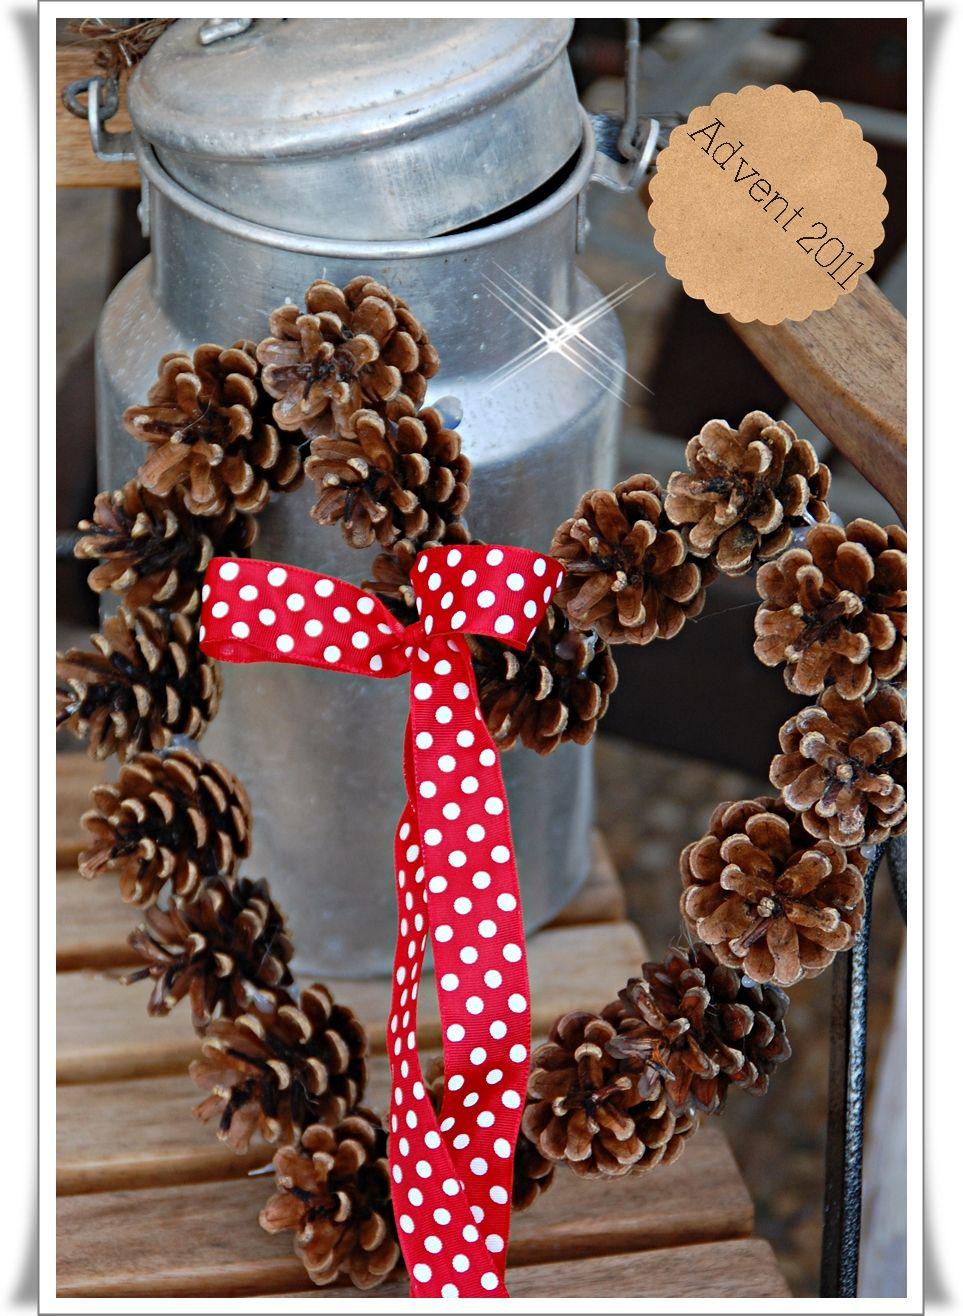 adventsdeko 2011 wohnen und garten foto weihnachtsdeko pinterest pinecone wreaths and. Black Bedroom Furniture Sets. Home Design Ideas